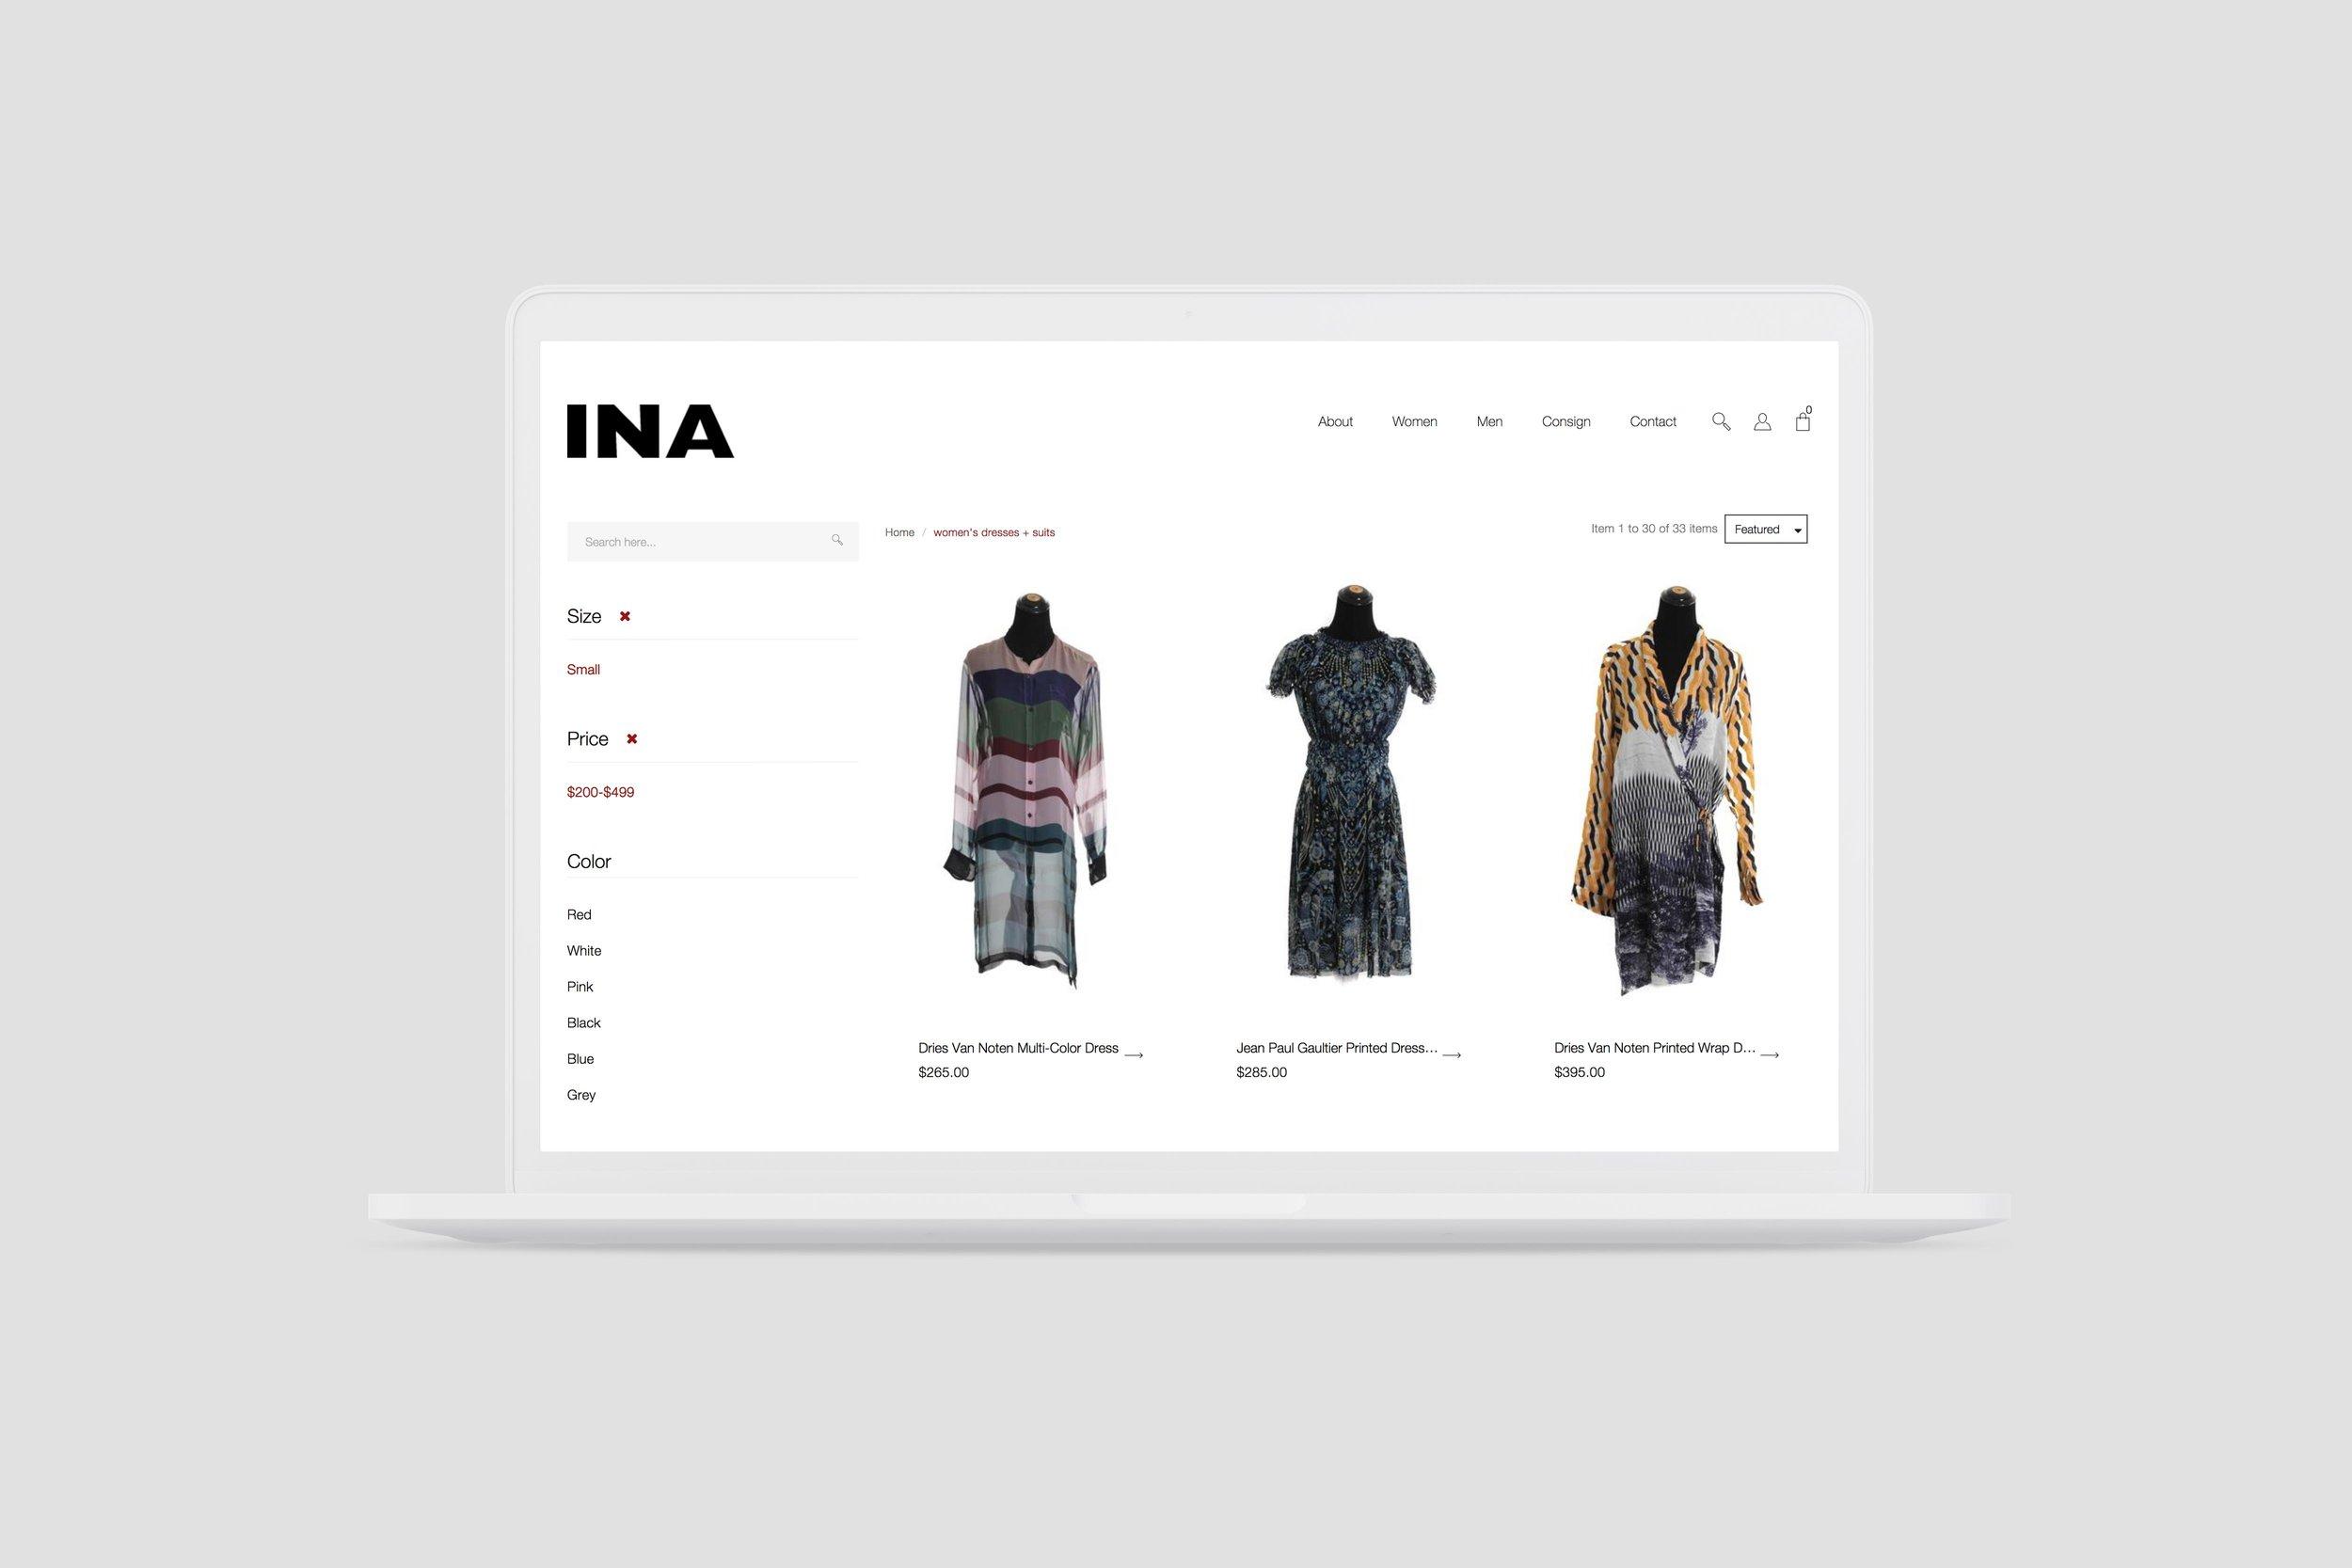 ina(3).jpg